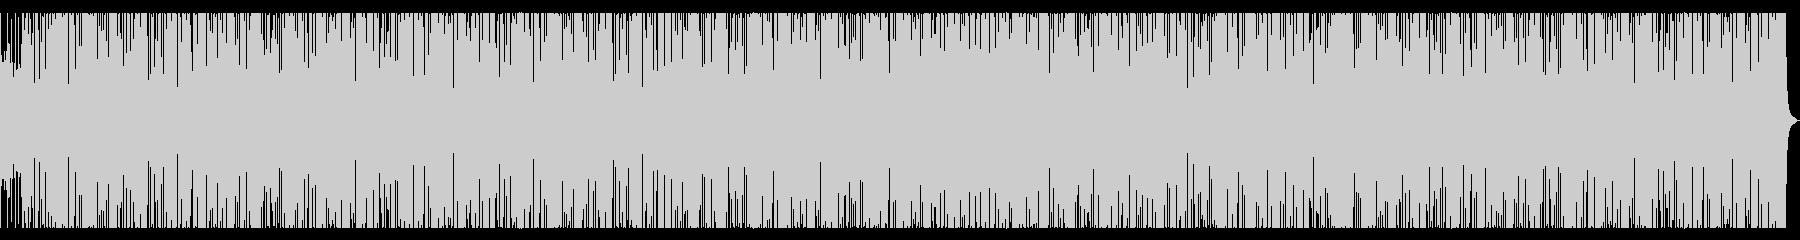 ジャズのBGM ちょっと引っかかるの未再生の波形